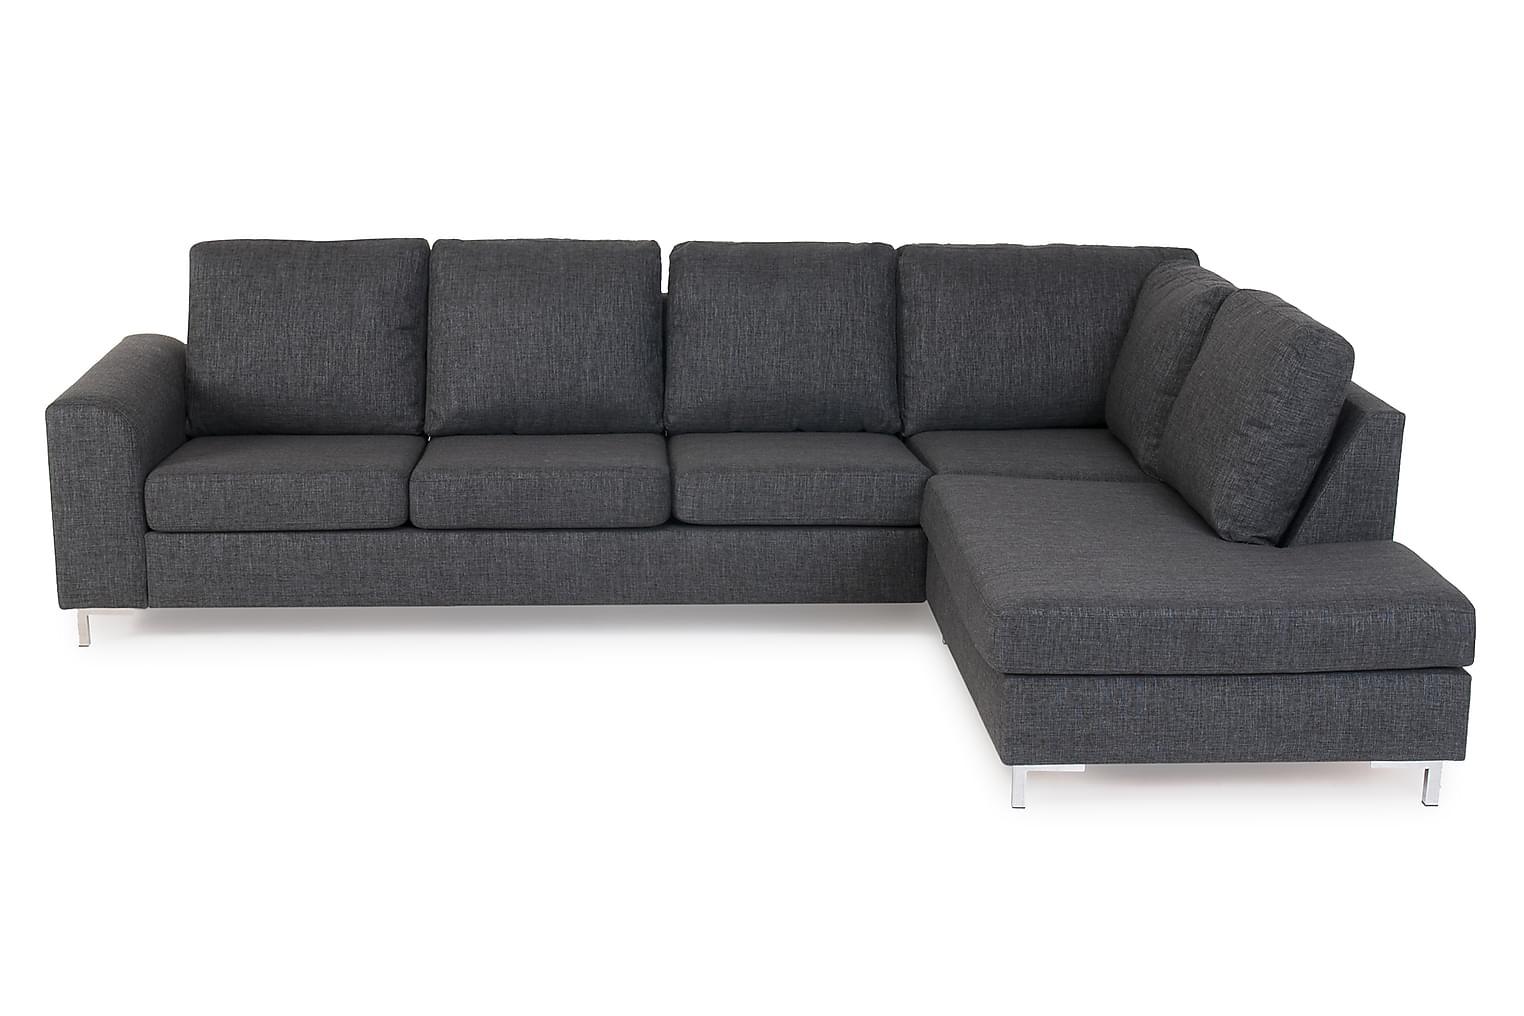 TORIN L-sohva Oikea Harmaa/Metalli